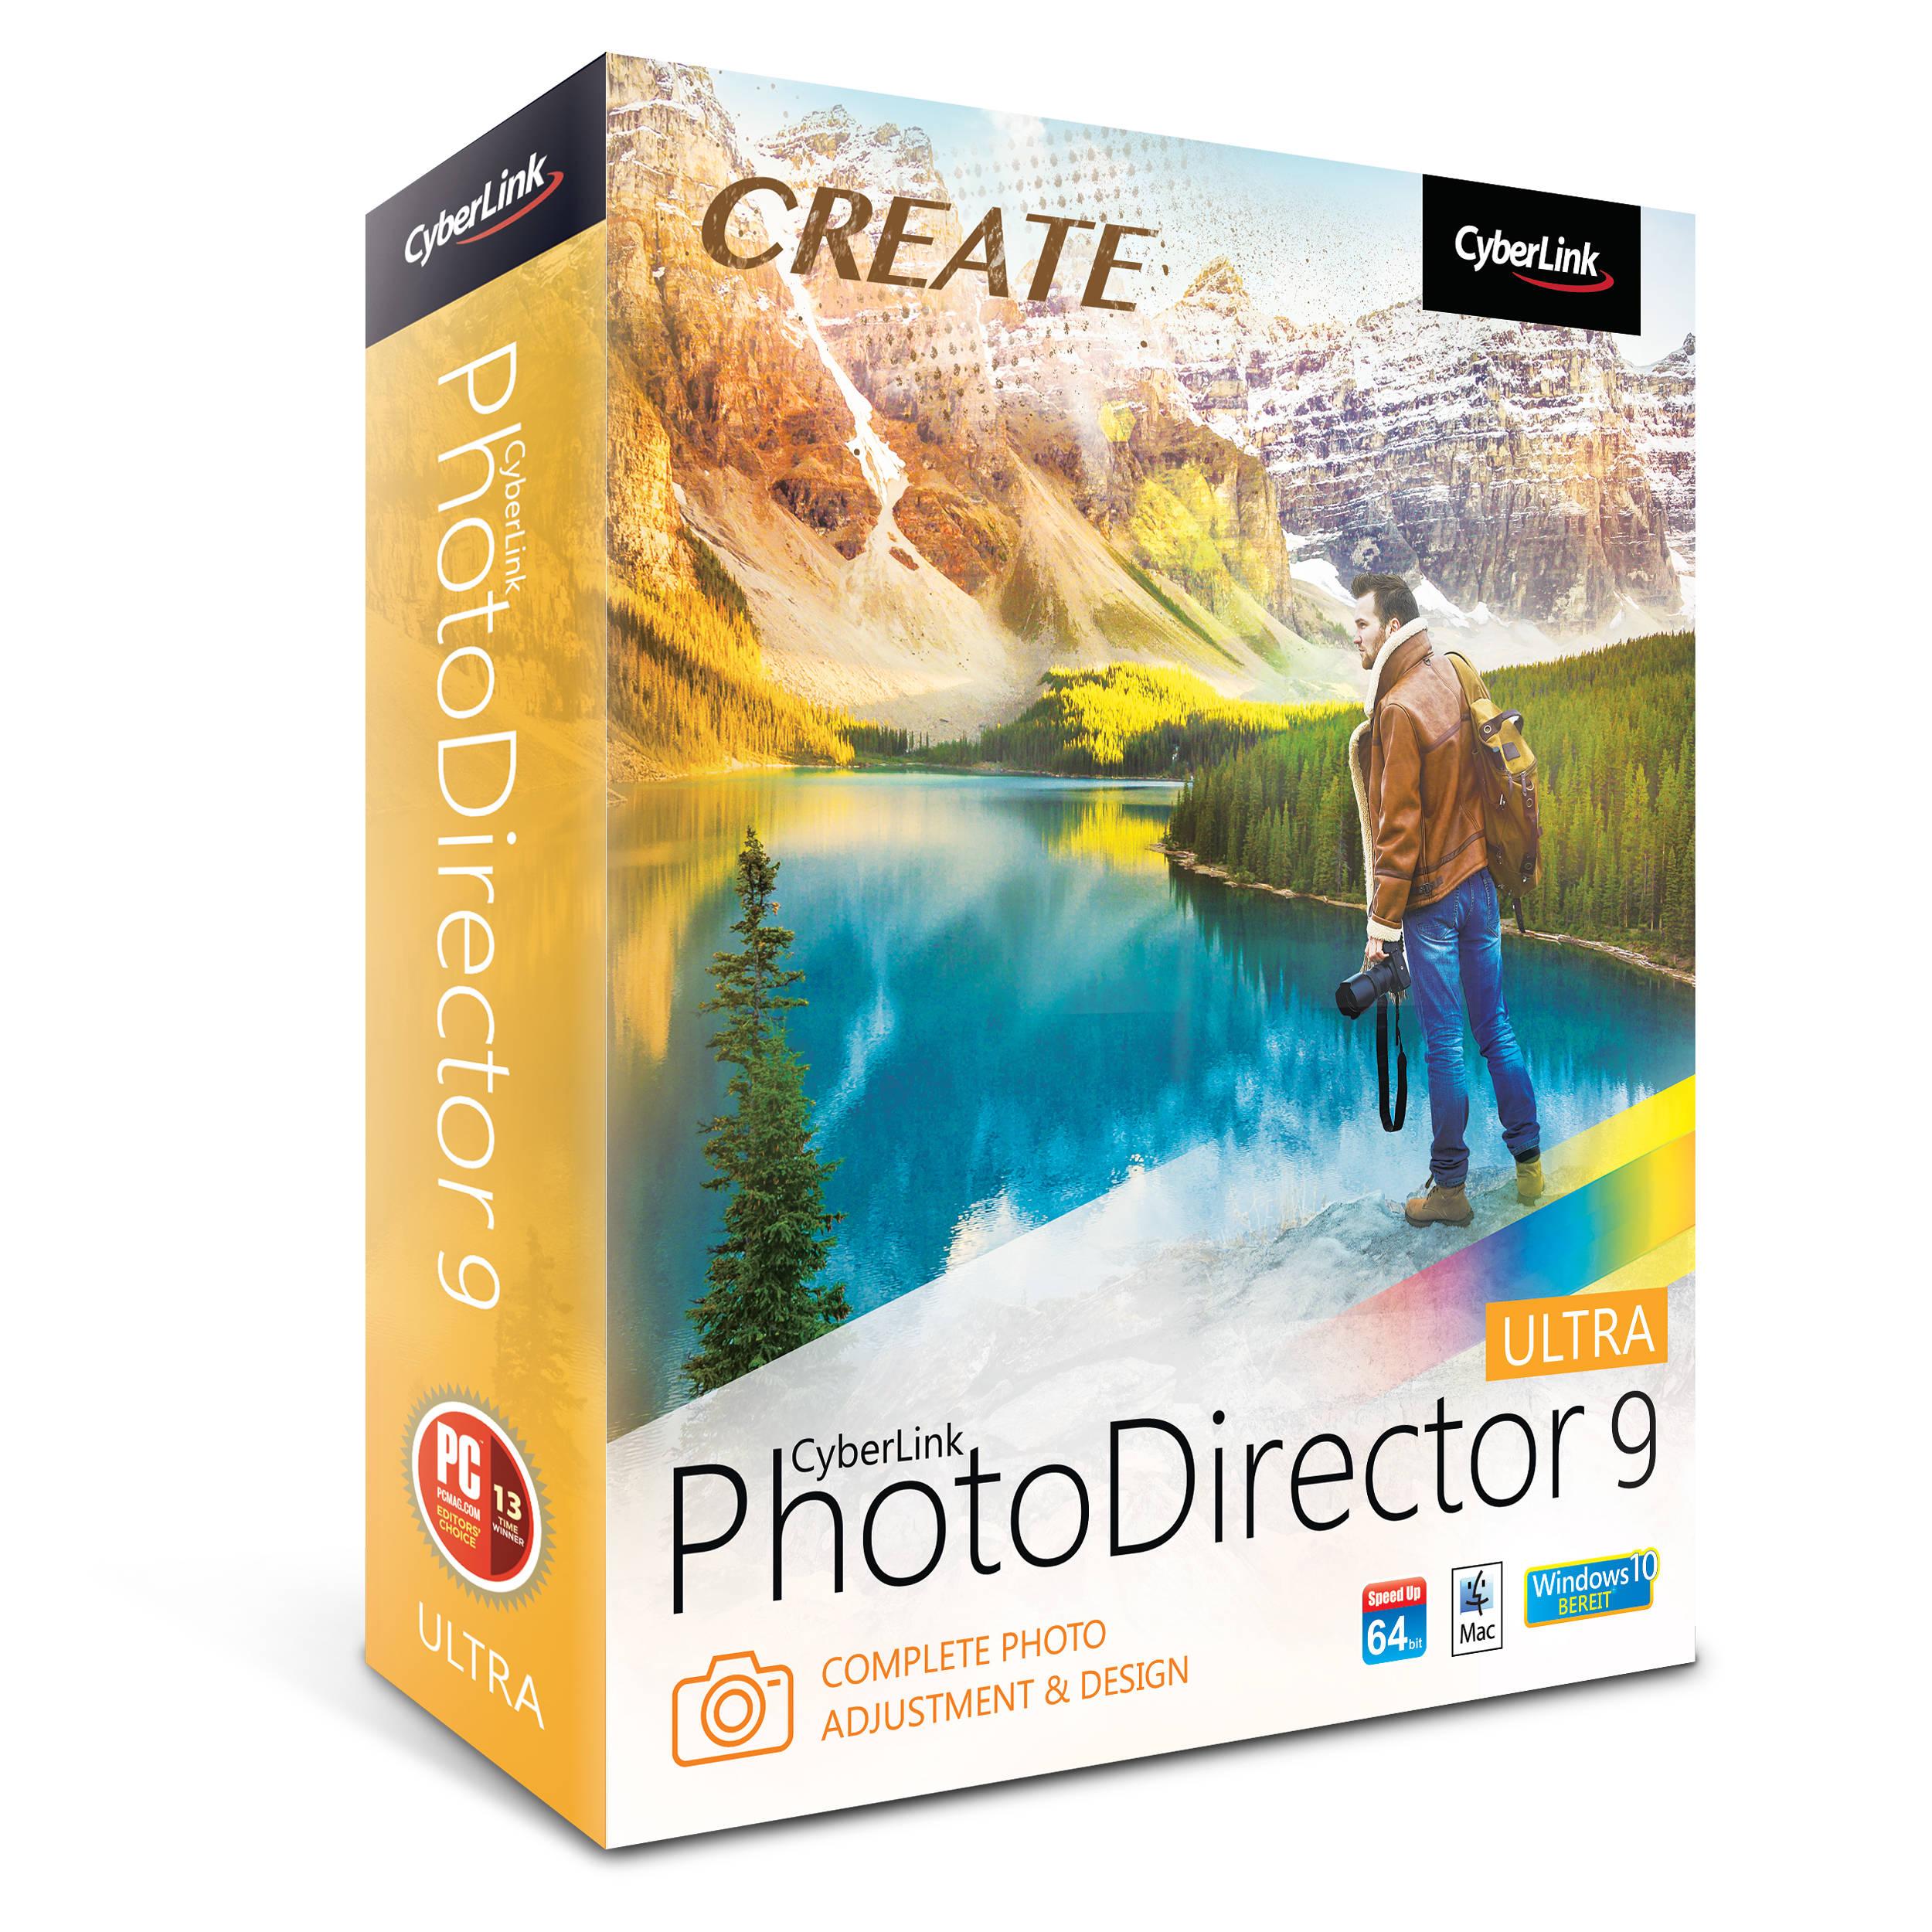 Resultado de imagen para cyberlink photodirector 9 box